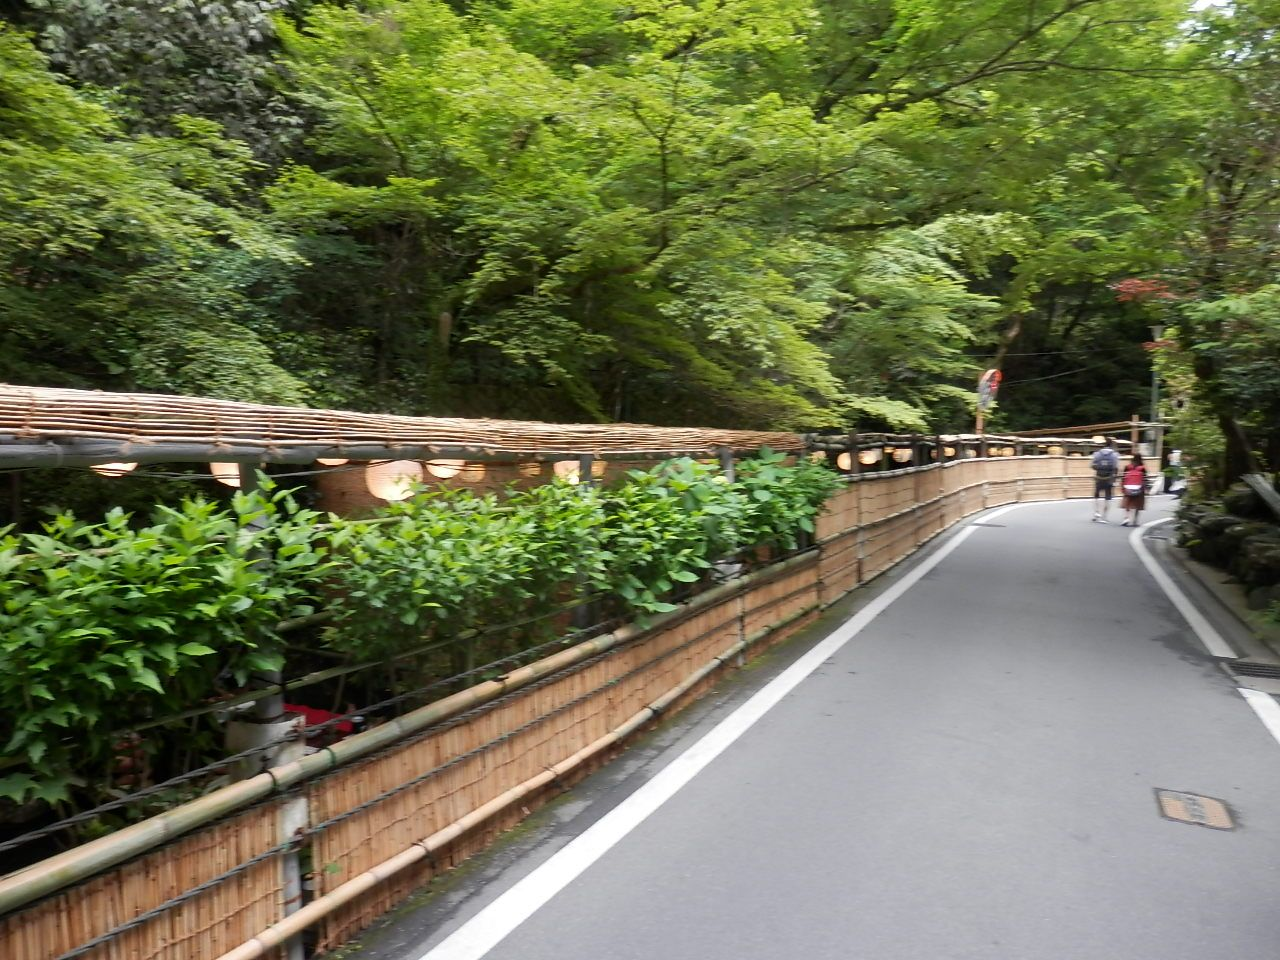 夏季の貴船神社周辺は川床の風景が気持ちいい